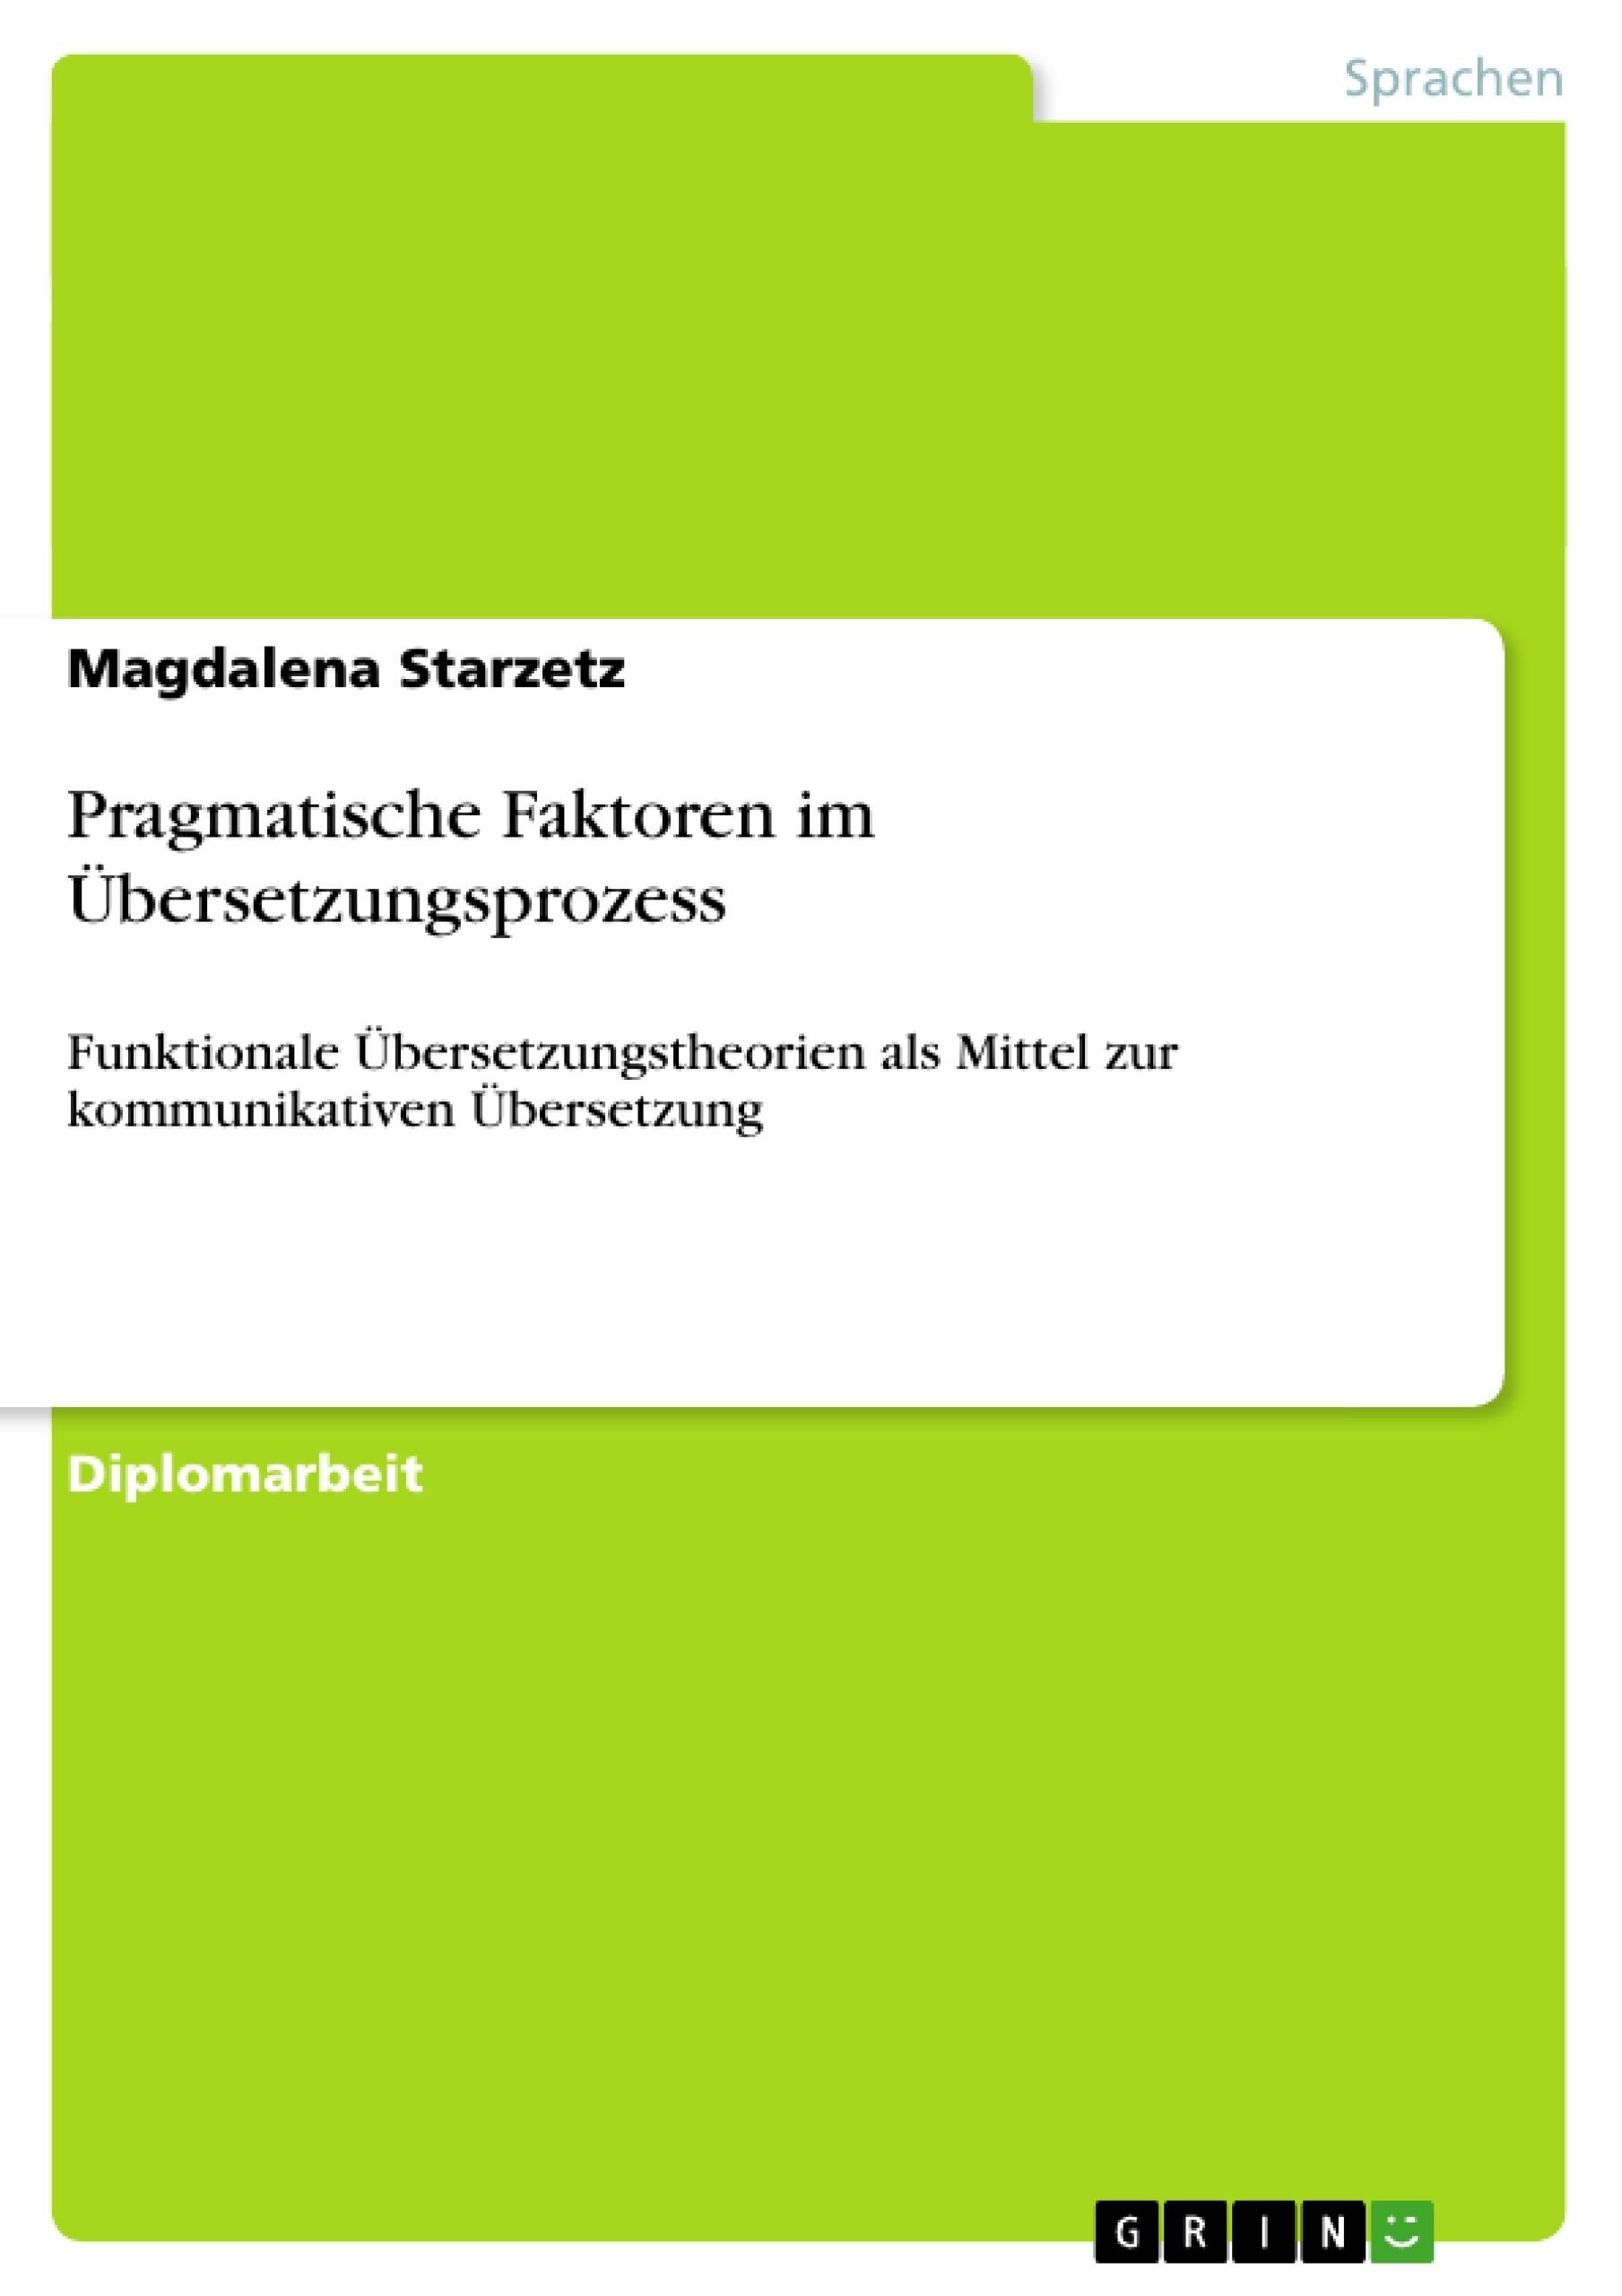 Titel: Pragmatische Faktoren im Übersetzungsprozess